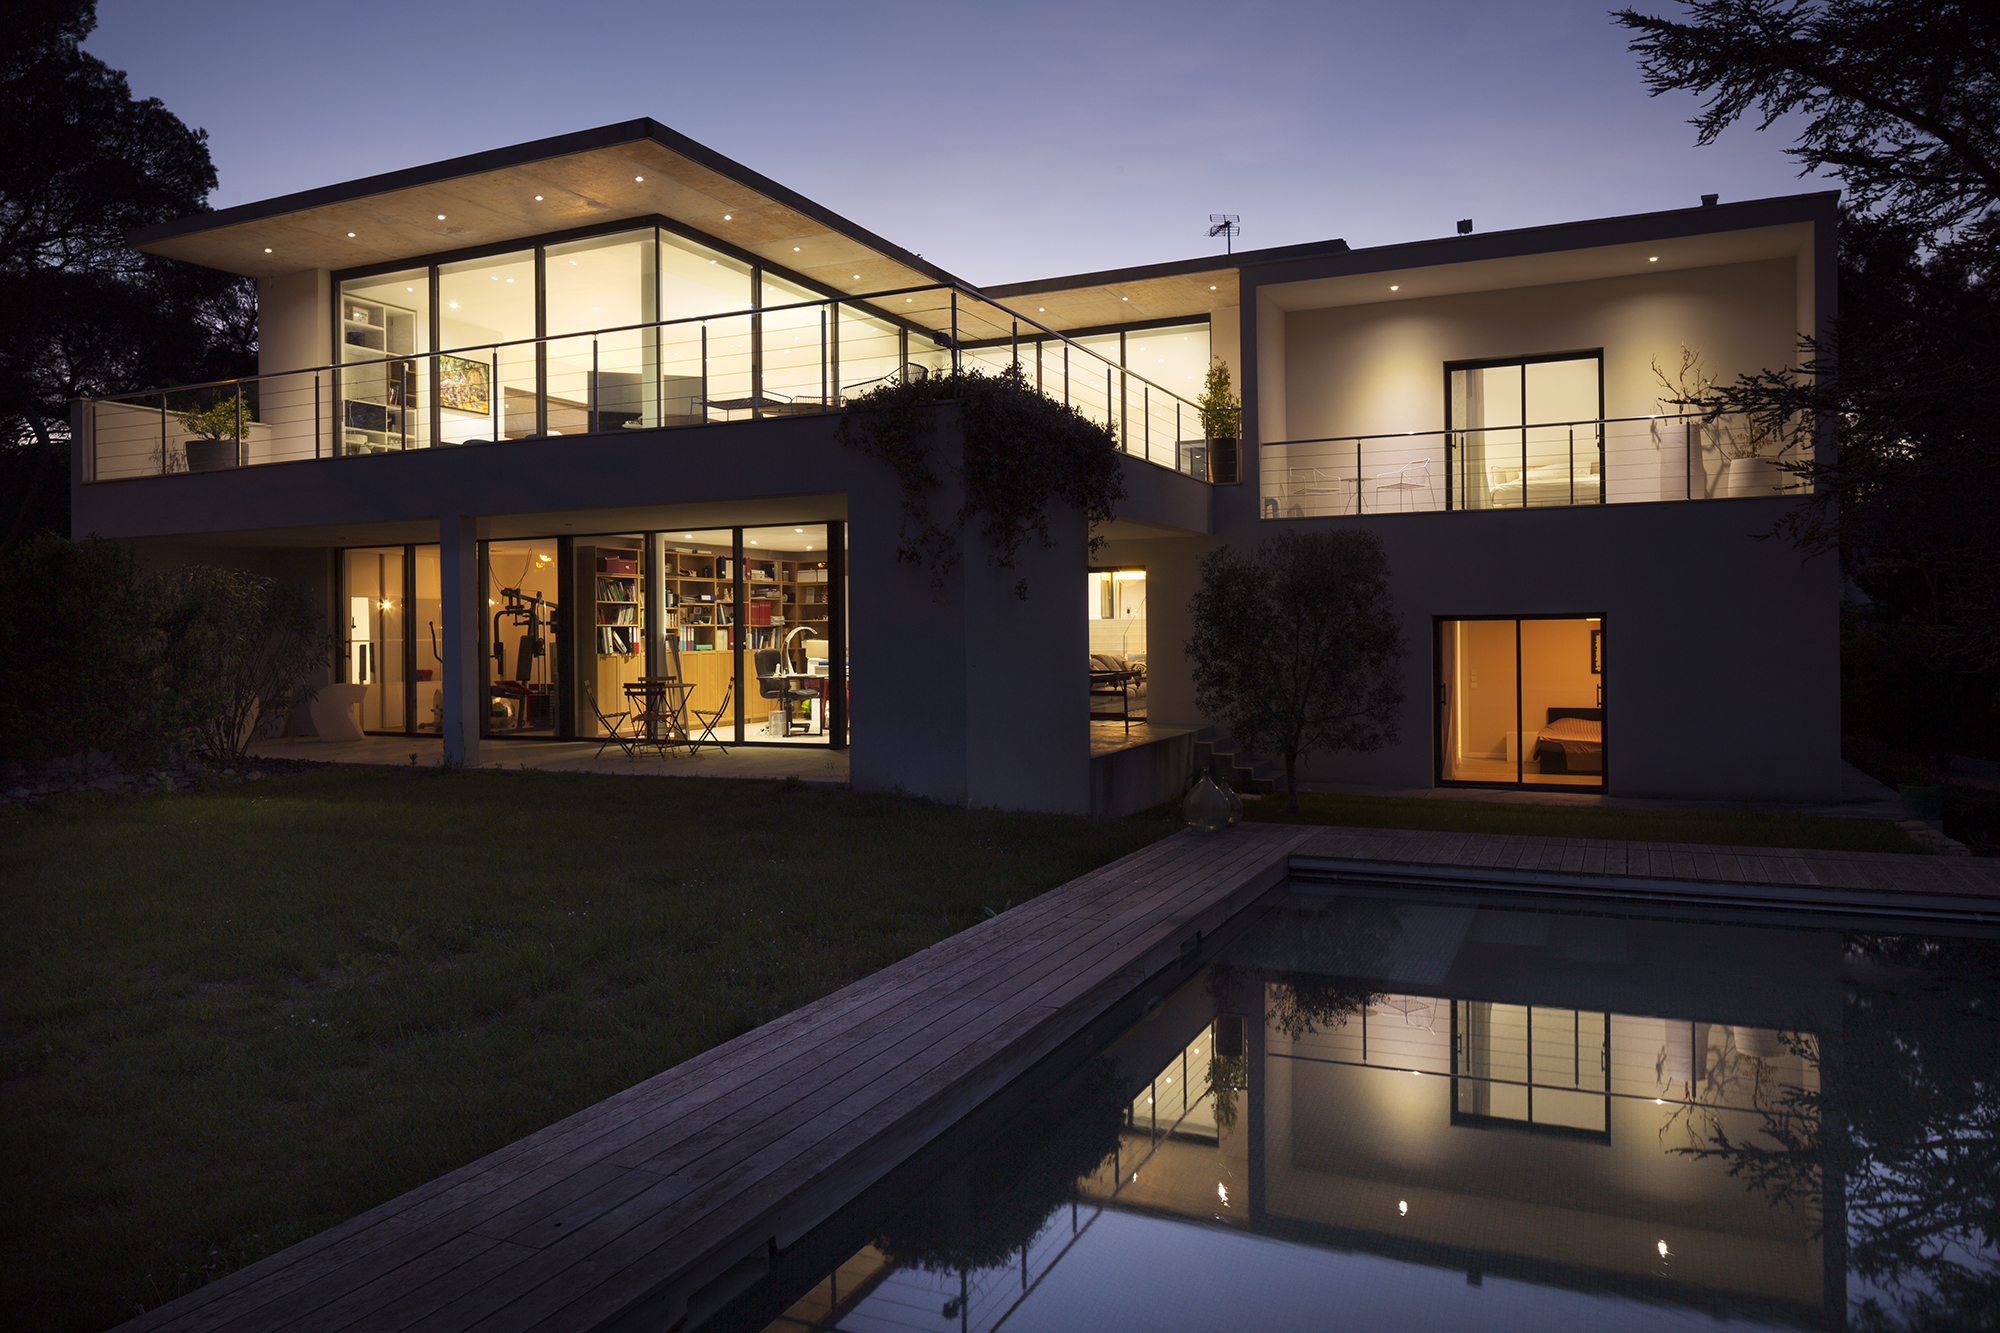 bonnetteissier-architectes-villapt-montpellier-photography-architecturephotography-mariecarolinelucat-mclucat-archilovers